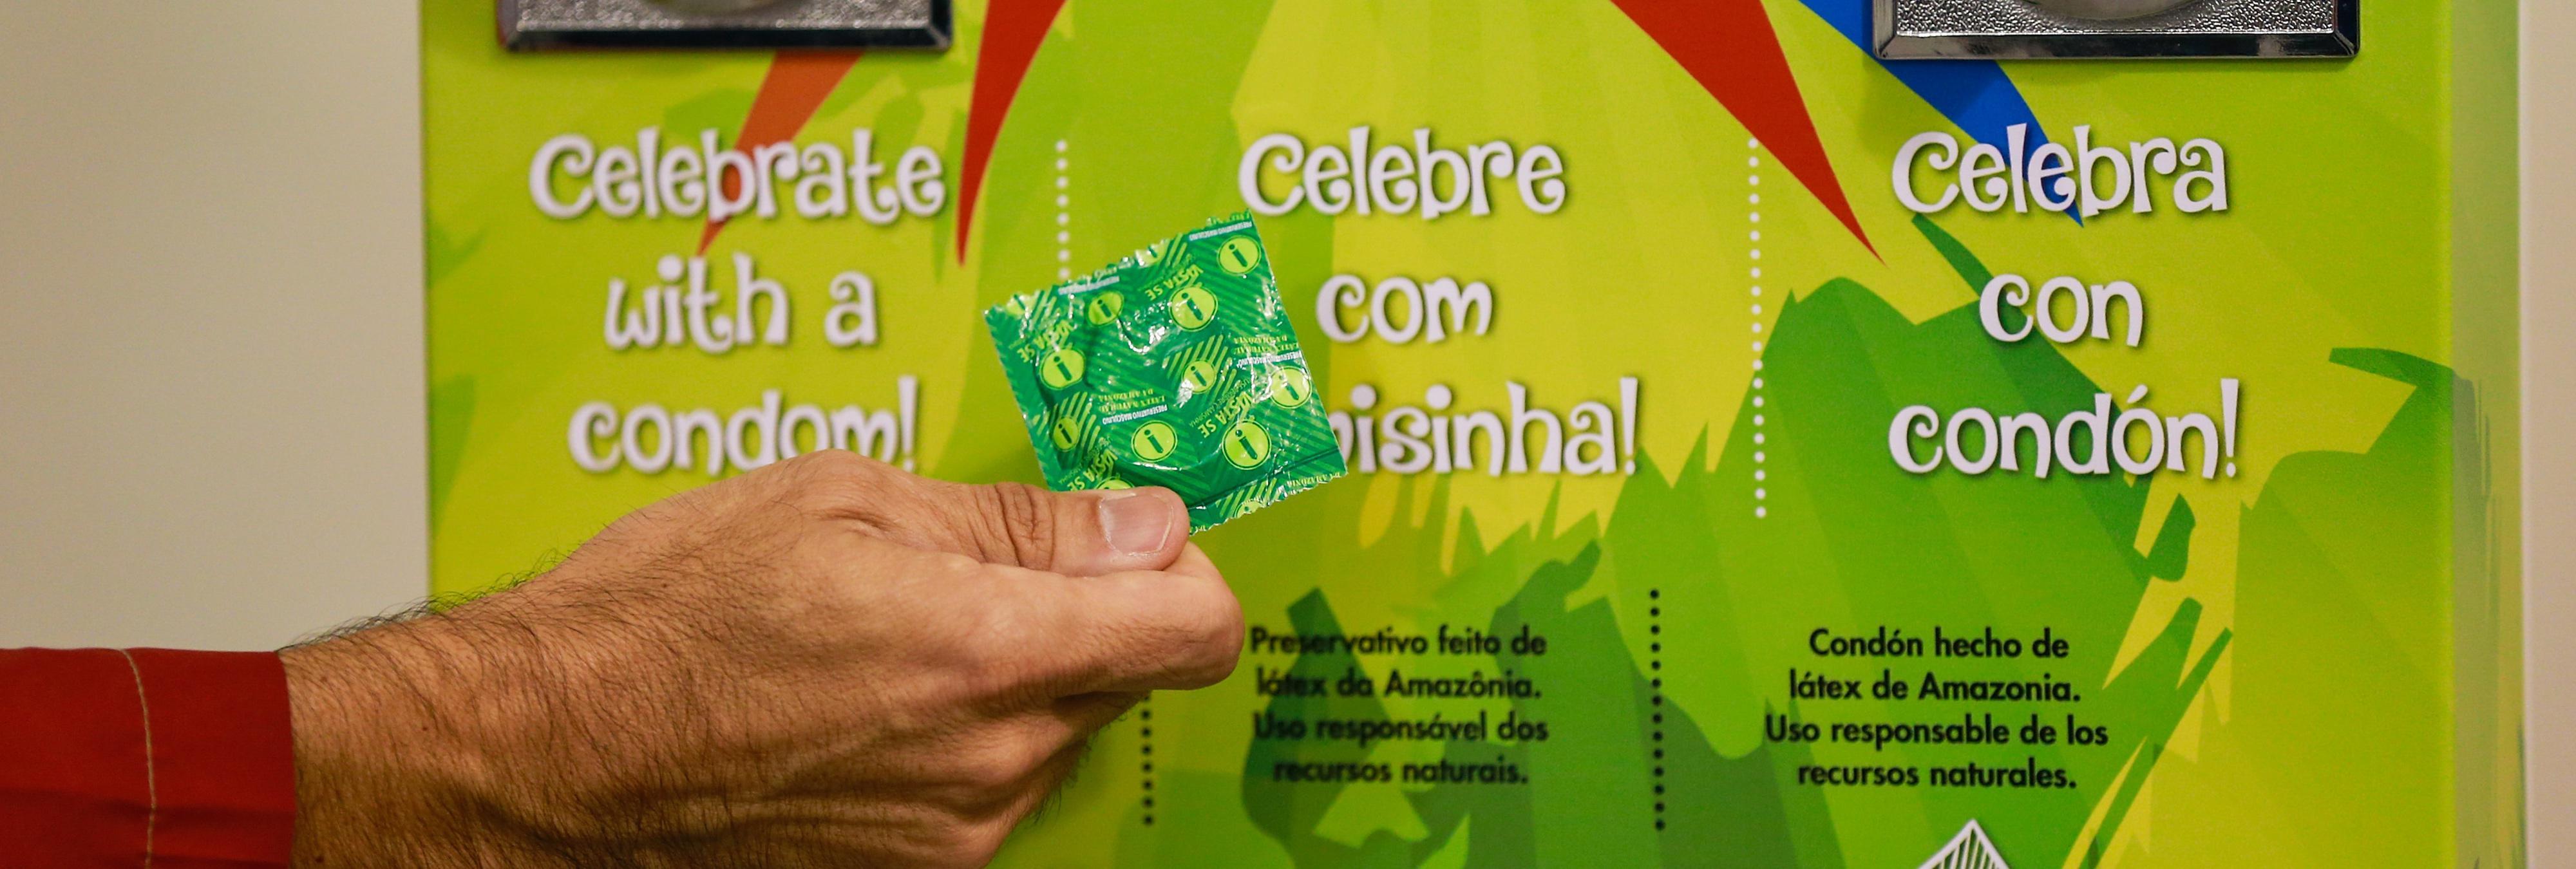 Los atletas atascan las tuberías de Río 2016 por tirar condones al váter